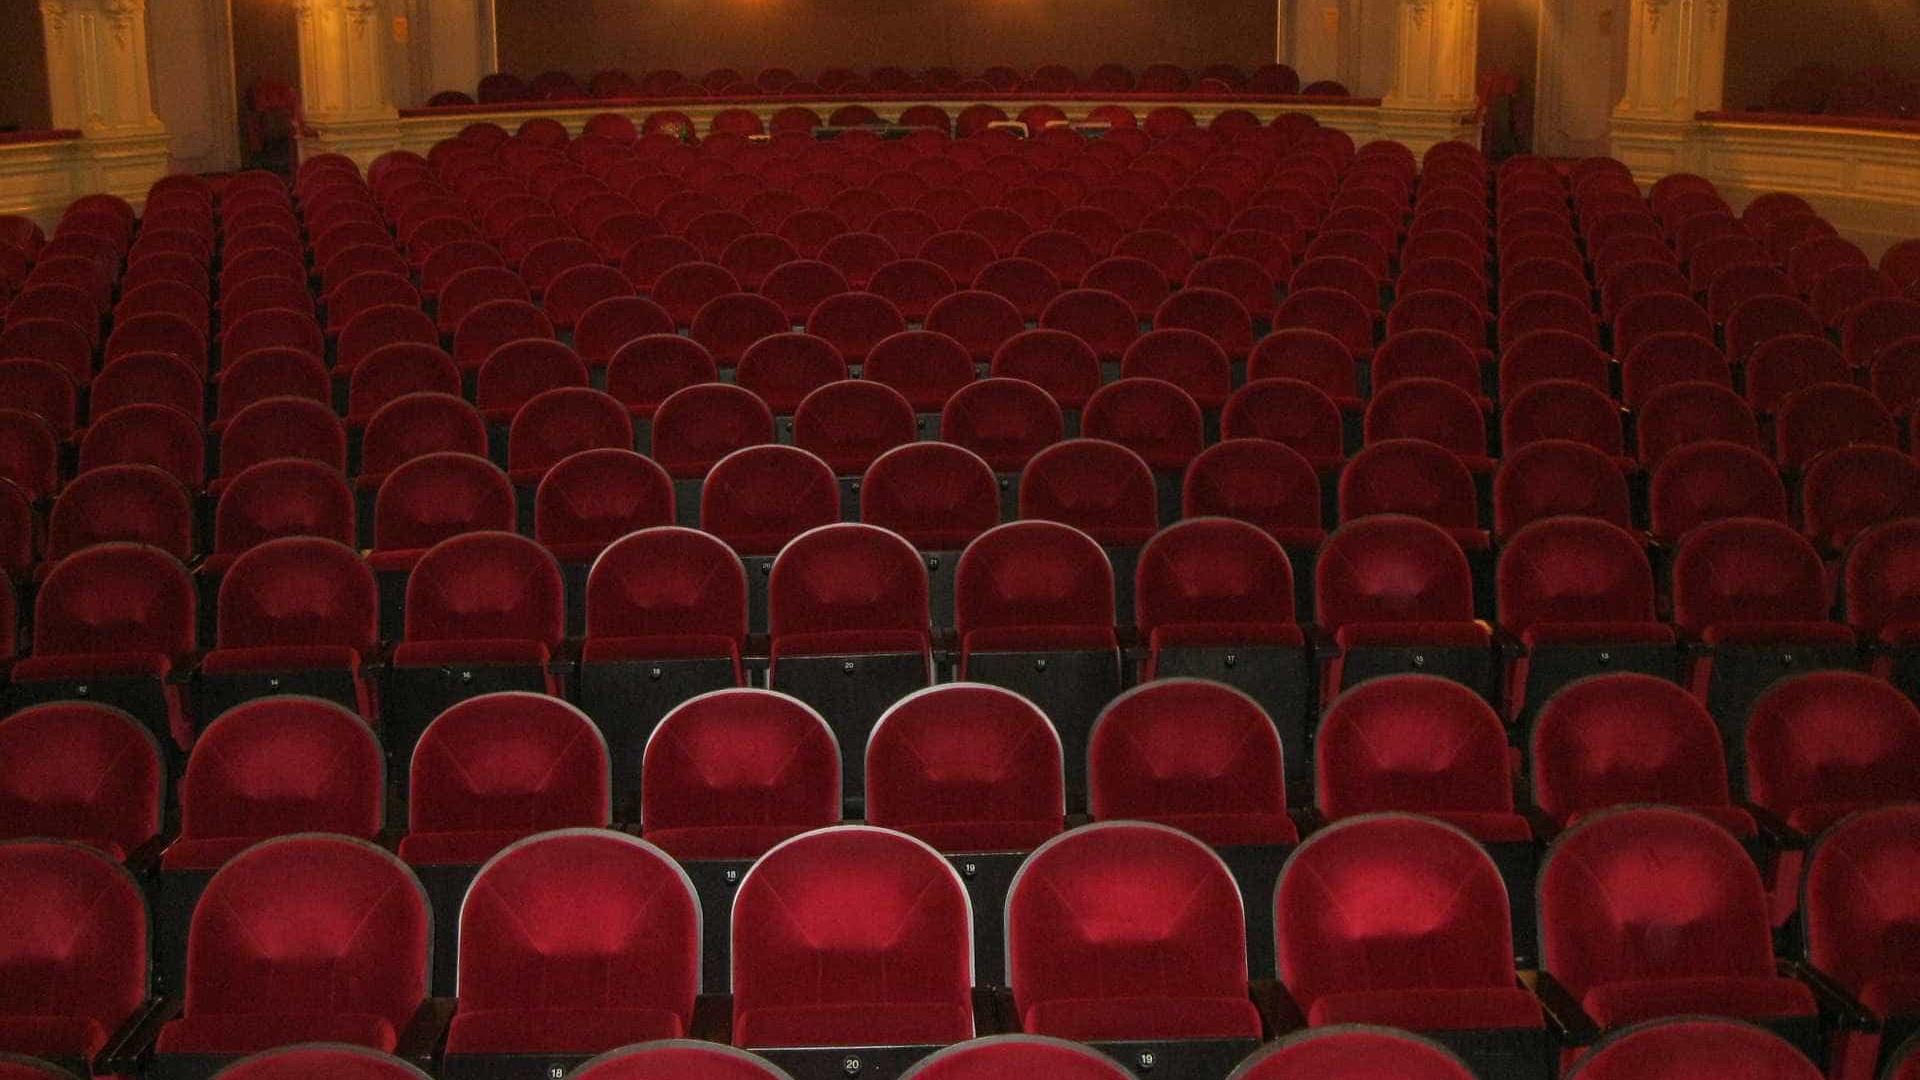 25 de Abril: Espetáculo em Évora com mais de 200 artistas em palco